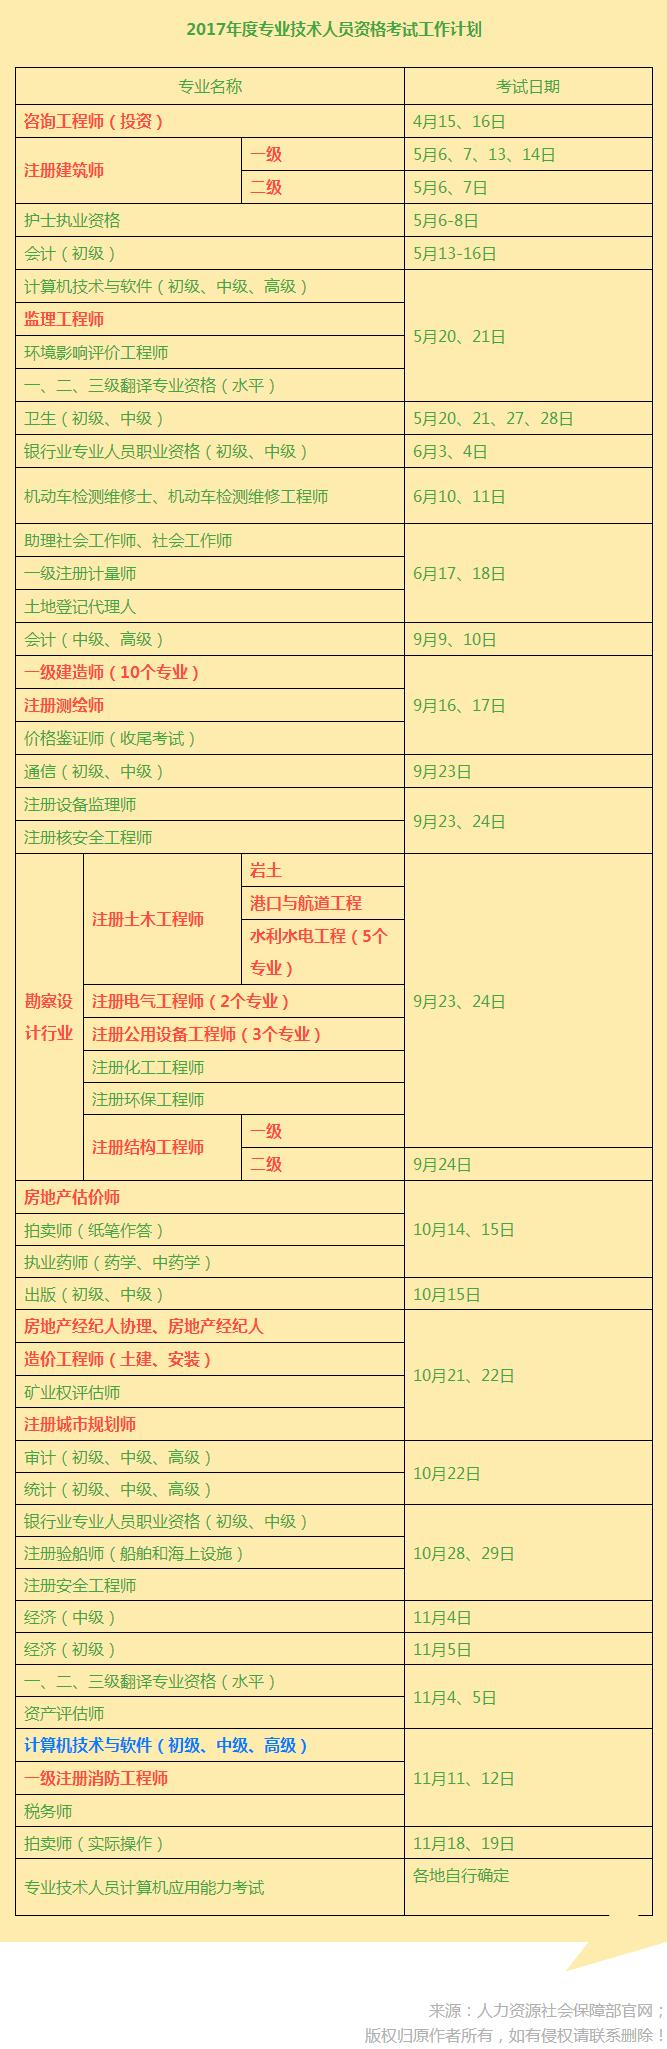 2017年建造师、造价师等专业技术人员资格考试时间表出炉-2017-02-21_104821.png